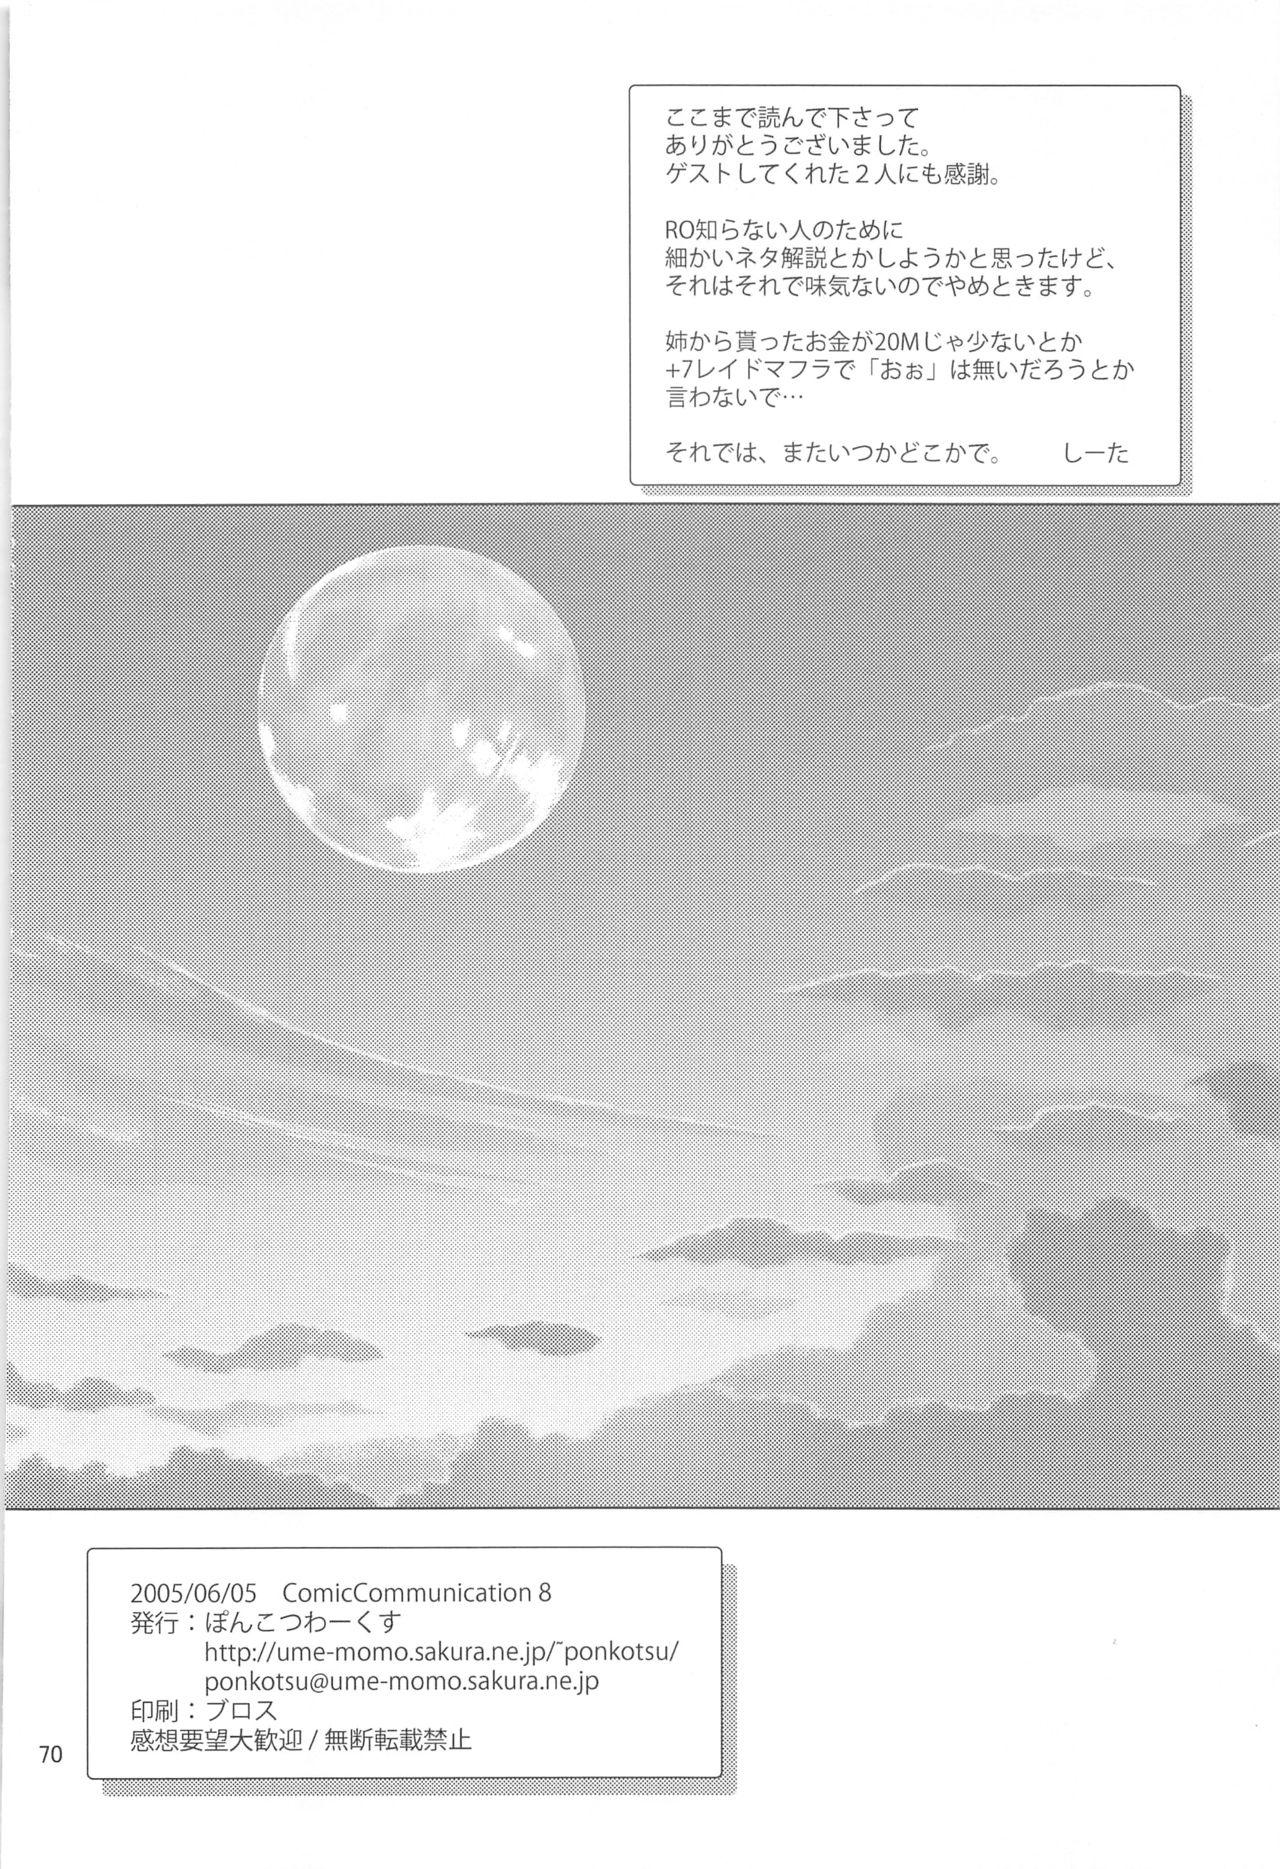 Quagmire no Chuushin de, Shuuchuuryoku Koujou to Sakebu 68